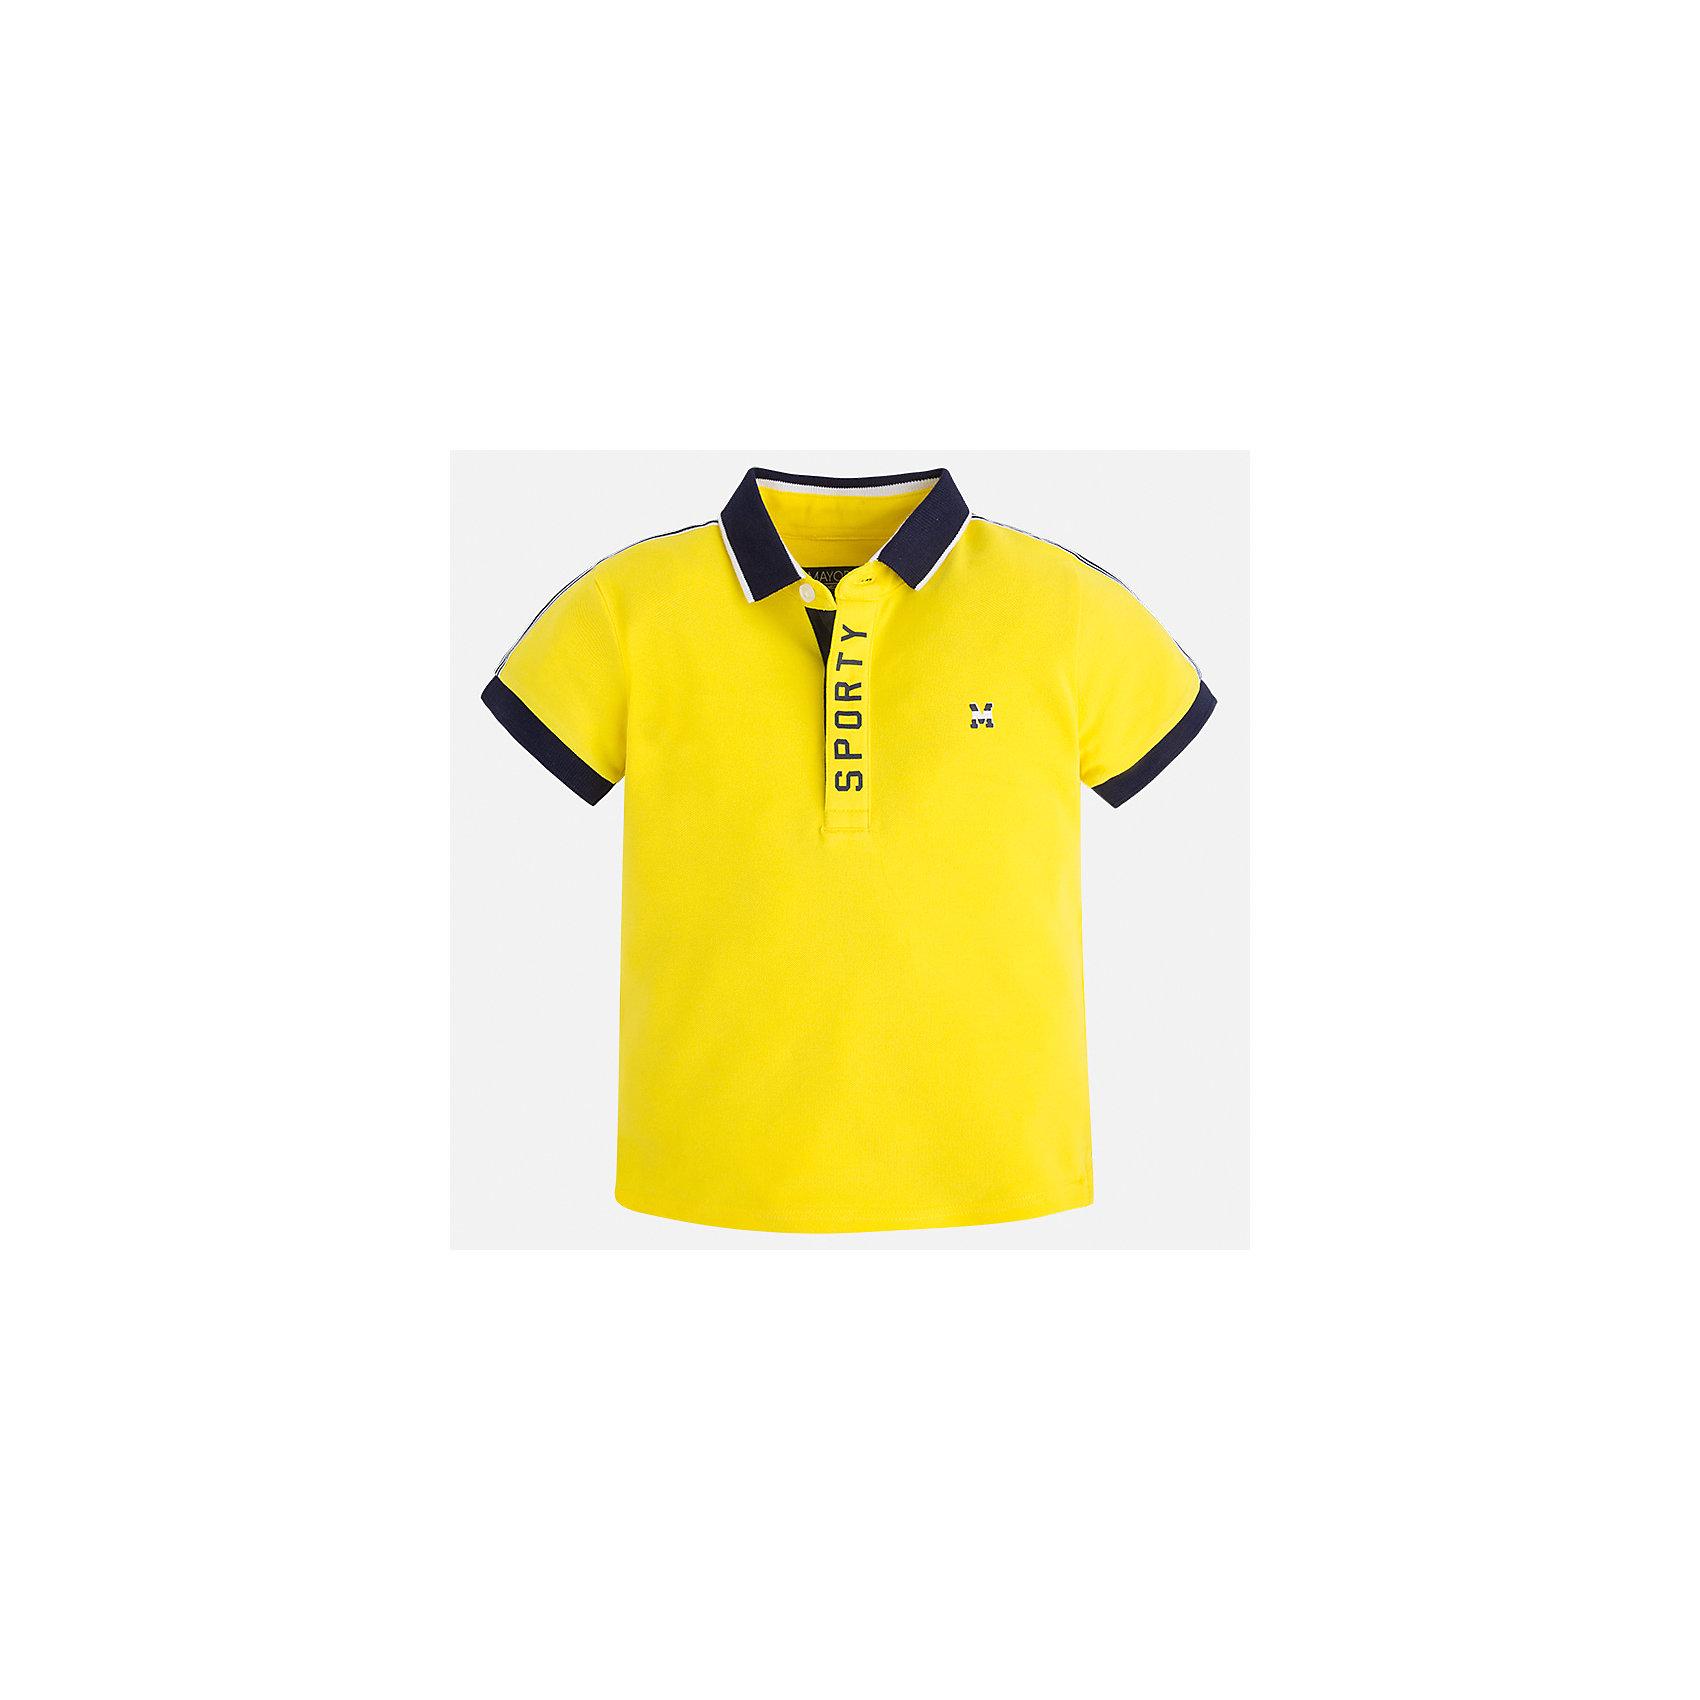 Футболка-поло для мальчика MayoralФутболки, поло и топы<br>Характеристики товара:<br><br>• цвет: желтый<br>• состав: 95% хлопок, 5% эластан<br>• отложной воротник<br>• короткие рукава<br>• застежка: пуговицы<br>• декорирована принтом<br>• страна бренда: Испания<br><br>Стильная футболка-поло для мальчика может стать базовой вещью в гардеробе ребенка. Она отлично сочетается с брюками, шортами, джинсами и т.д. Универсальный крой и цвет позволяет подобрать к вещи низ разных расцветок. Практичное и стильное изделие! В составе материала - натуральный хлопок, гипоаллергенный, приятный на ощупь, дышащий.<br><br>Одежда, обувь и аксессуары от испанского бренда Mayoral полюбились детям и взрослым по всему миру. Модели этой марки - стильные и удобные. Для их производства используются только безопасные, качественные материалы и фурнитура. Порадуйте ребенка модными и красивыми вещами от Mayoral! <br><br>Футболку-поло для мальчика от испанского бренда Mayoral (Майорал) можно купить в нашем интернет-магазине.<br><br>Ширина мм: 230<br>Глубина мм: 40<br>Высота мм: 220<br>Вес г: 250<br>Цвет: желтый<br>Возраст от месяцев: 96<br>Возраст до месяцев: 108<br>Пол: Мужской<br>Возраст: Детский<br>Размер: 134,128,110,104,98,92,116,122<br>SKU: 5272045